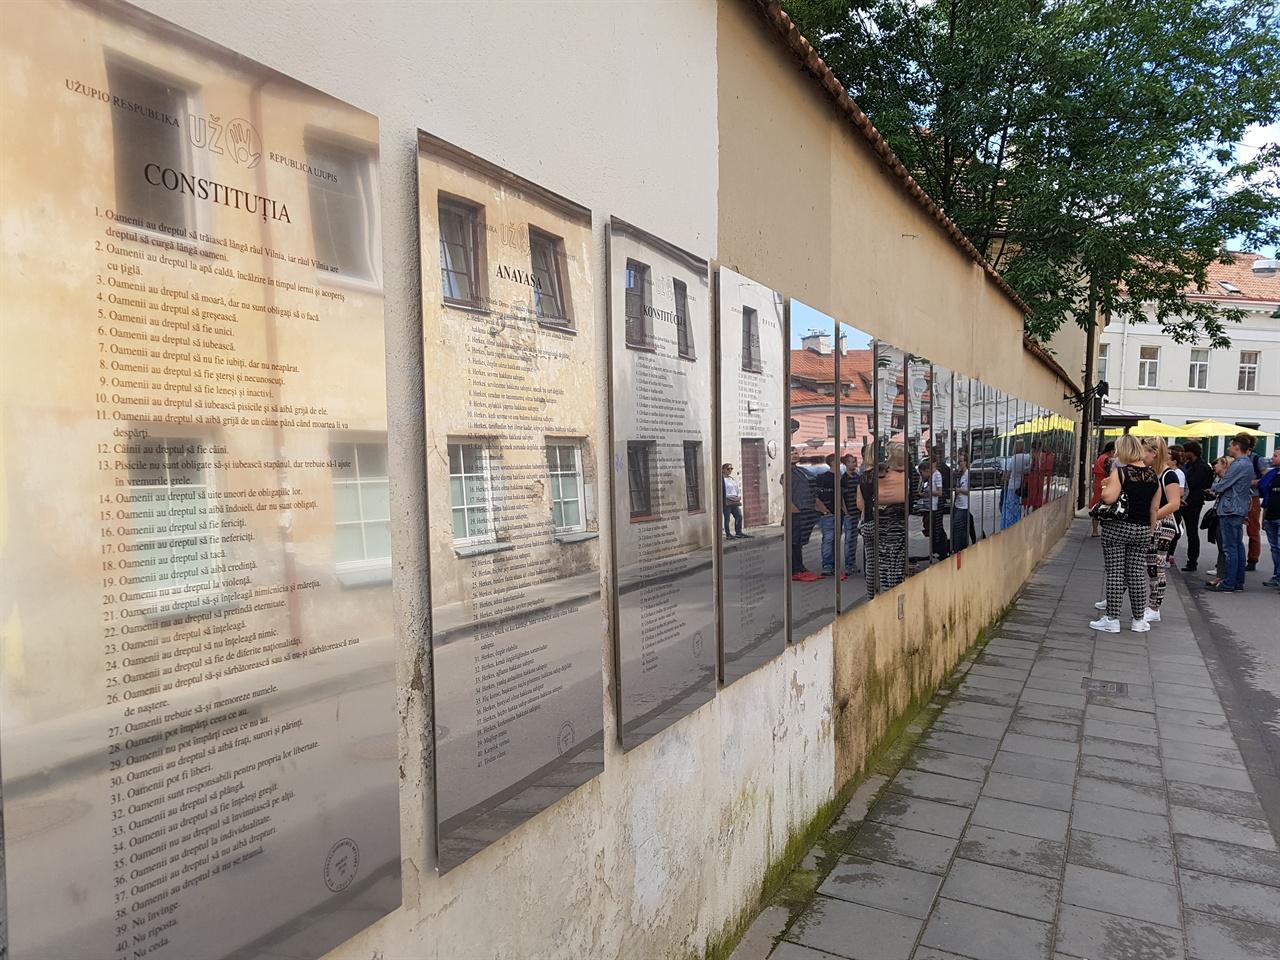 우주피스 공화국 헌법 세계 각국어로 된 헌법 조문이 벽에 붙어 있다.